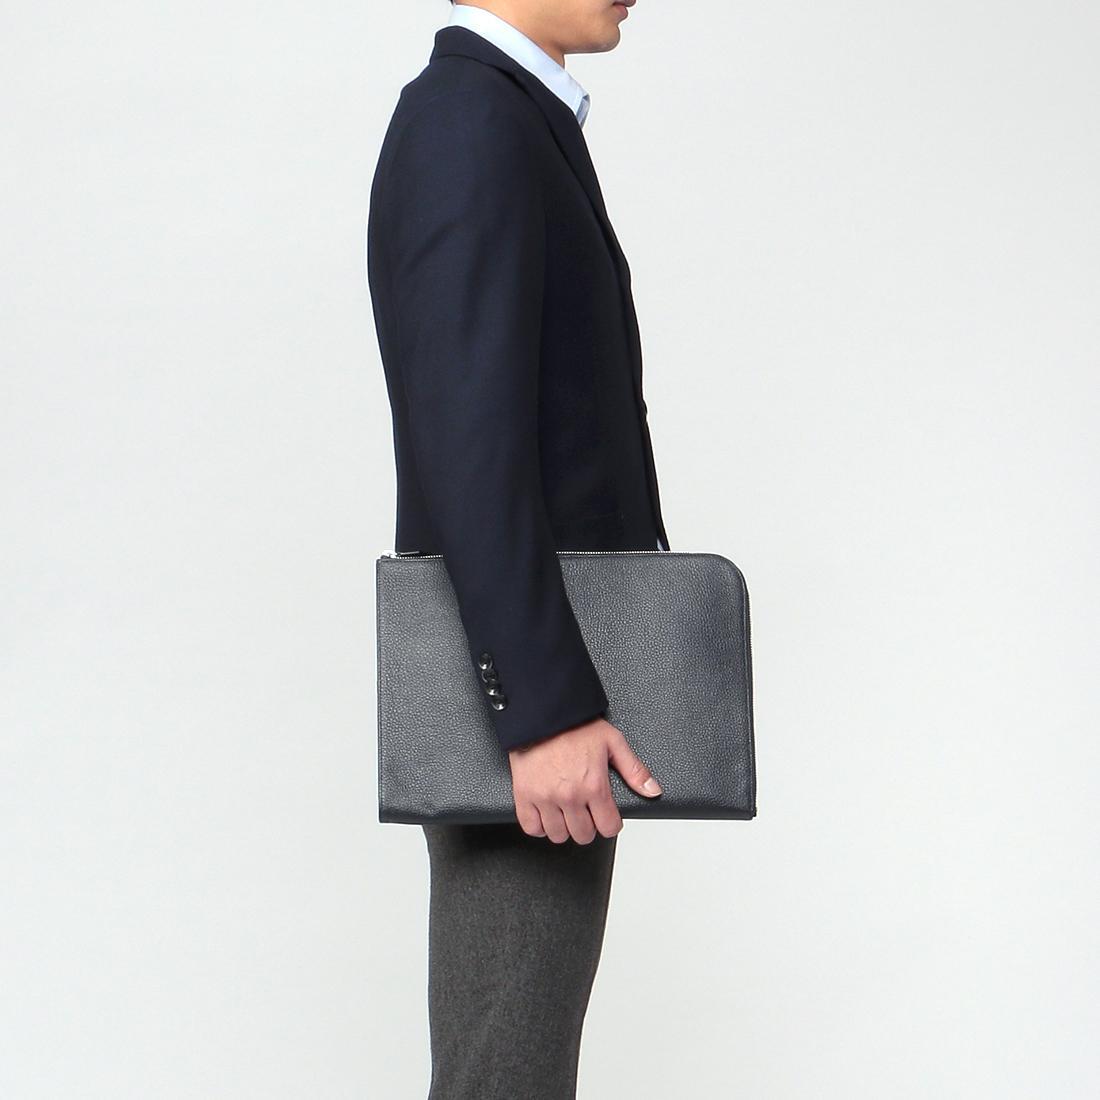 Clutch Bag 2012682: Navy